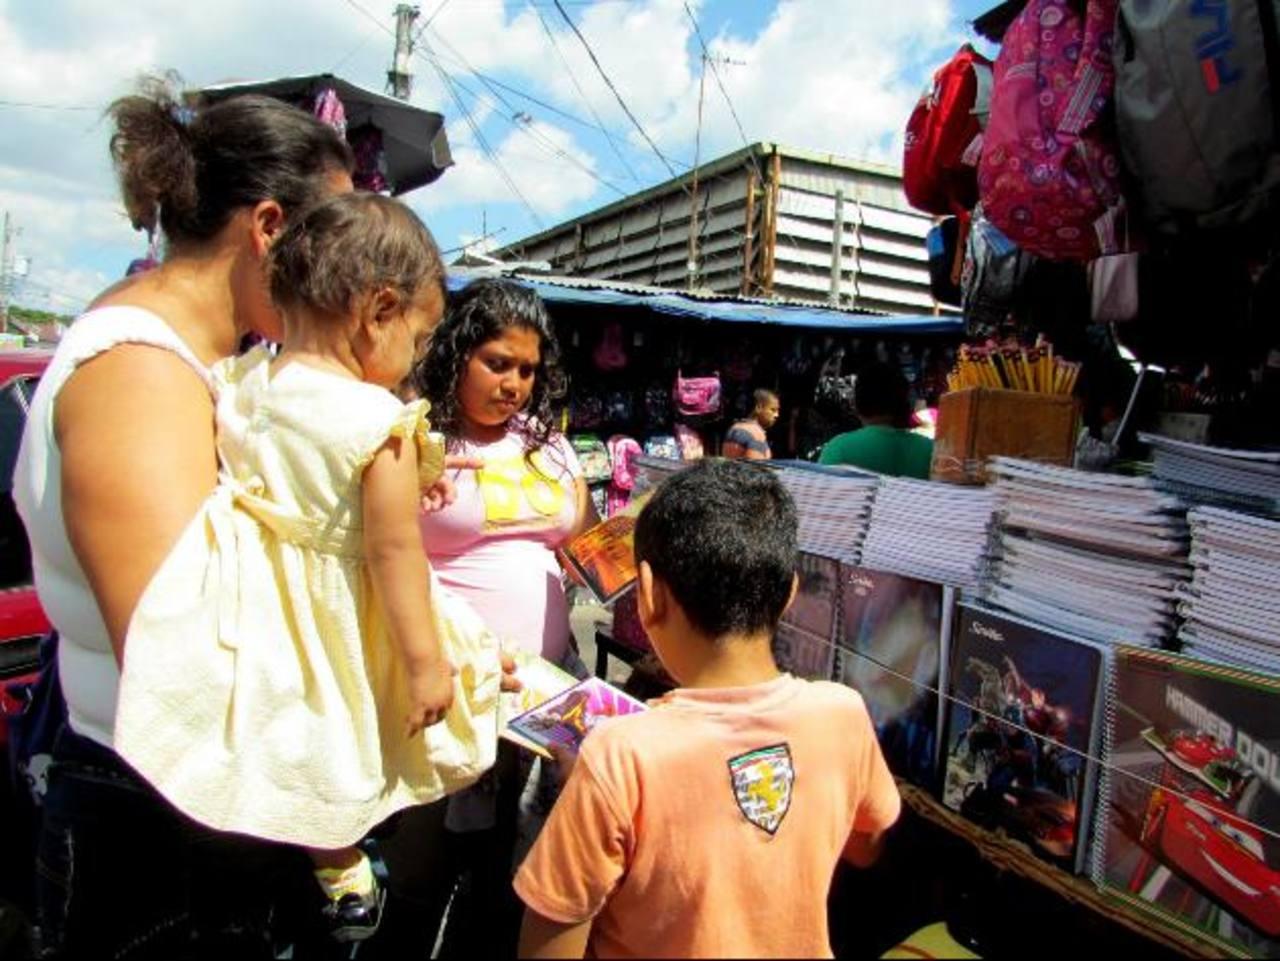 Muchas de las personas que venden útiles escolares en los mercados, se quejan por la baja demanda y buscan la forma de dedicarse a otras labores. Foto EDH / Mauricio guevara